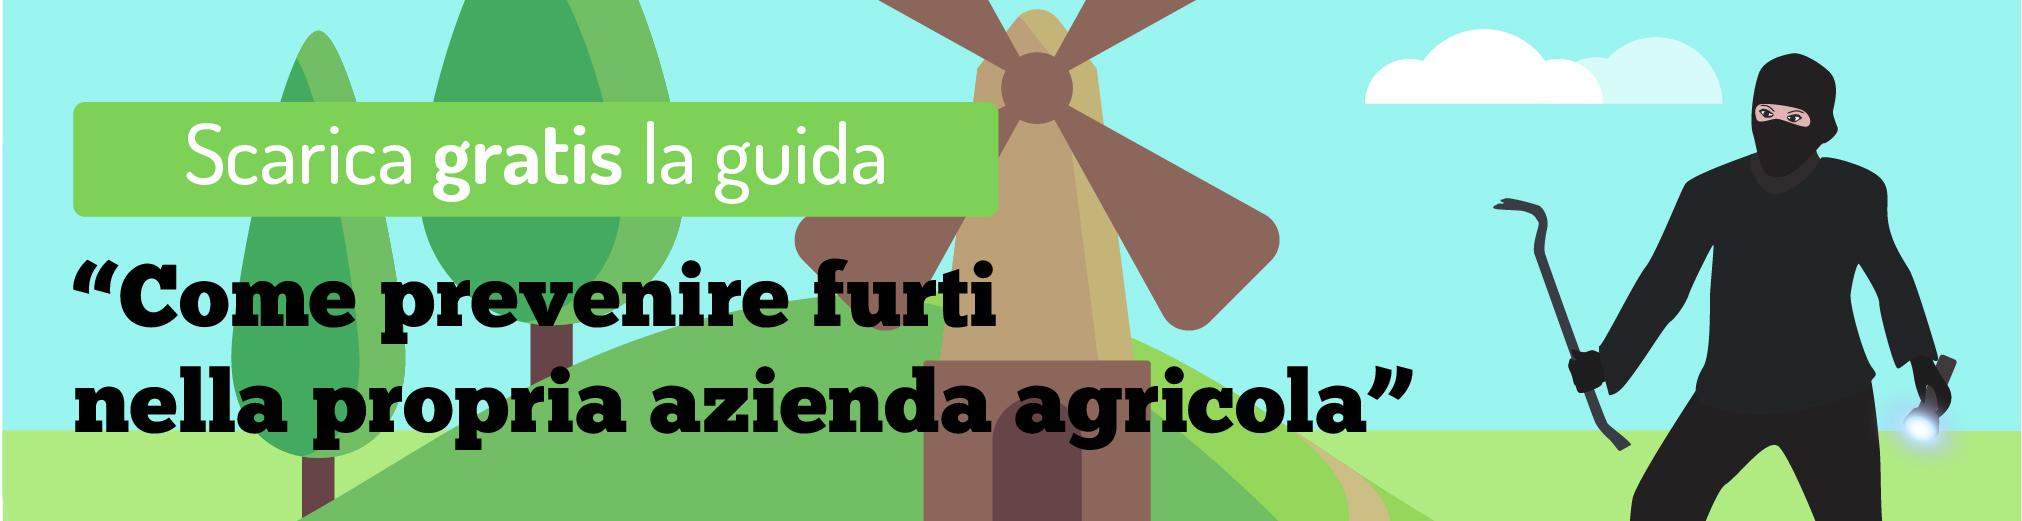 banner masthead noi siamo agricoltura-02